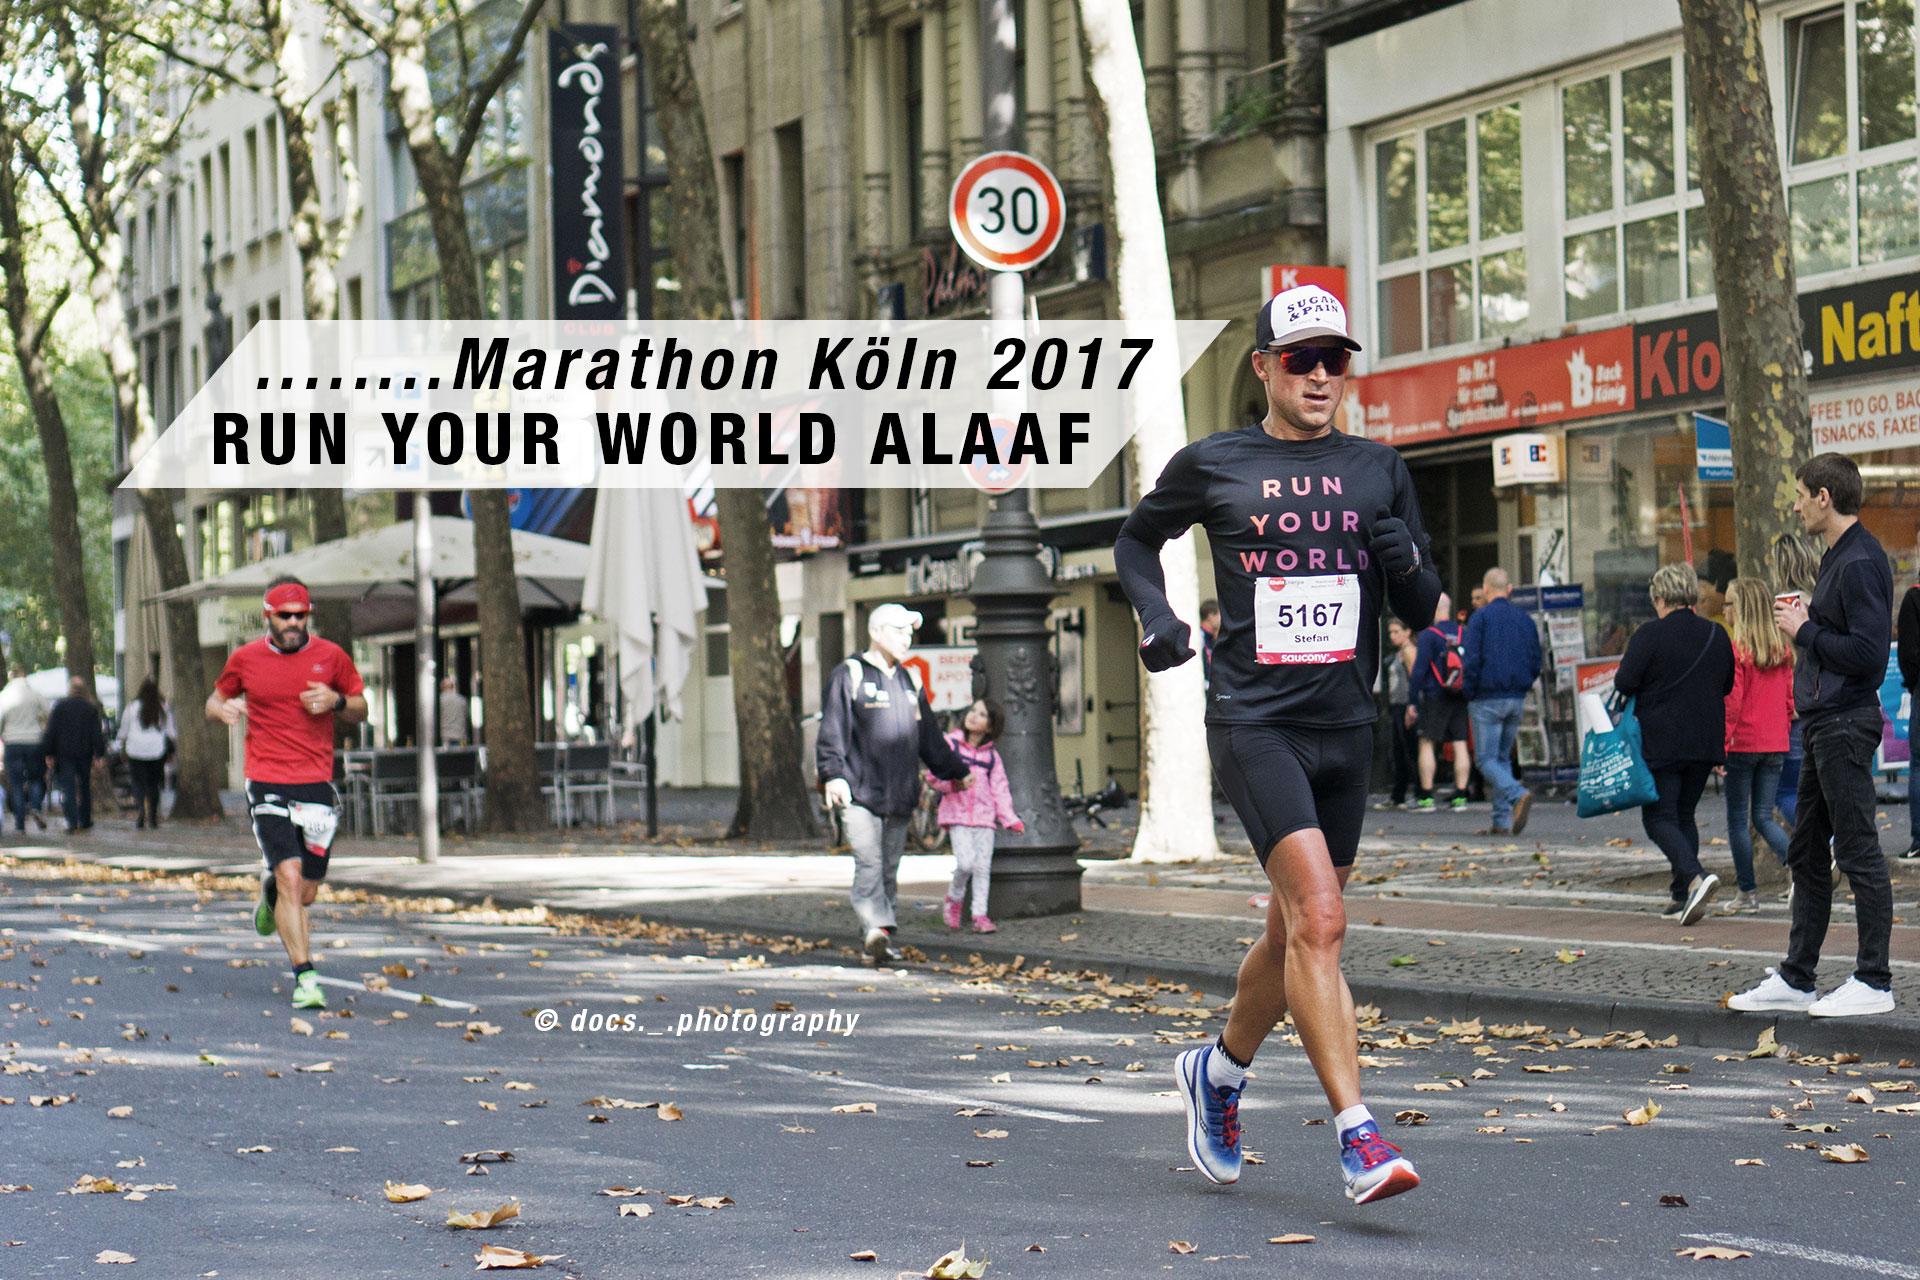 MARATHON KÖLN 2017 Run Your World alaaf / Nach 40 Kilometern waren die Waden wie Beton, die Schritte wurden kürzer und der Lauf auf Messers Schneide © docs._.photography